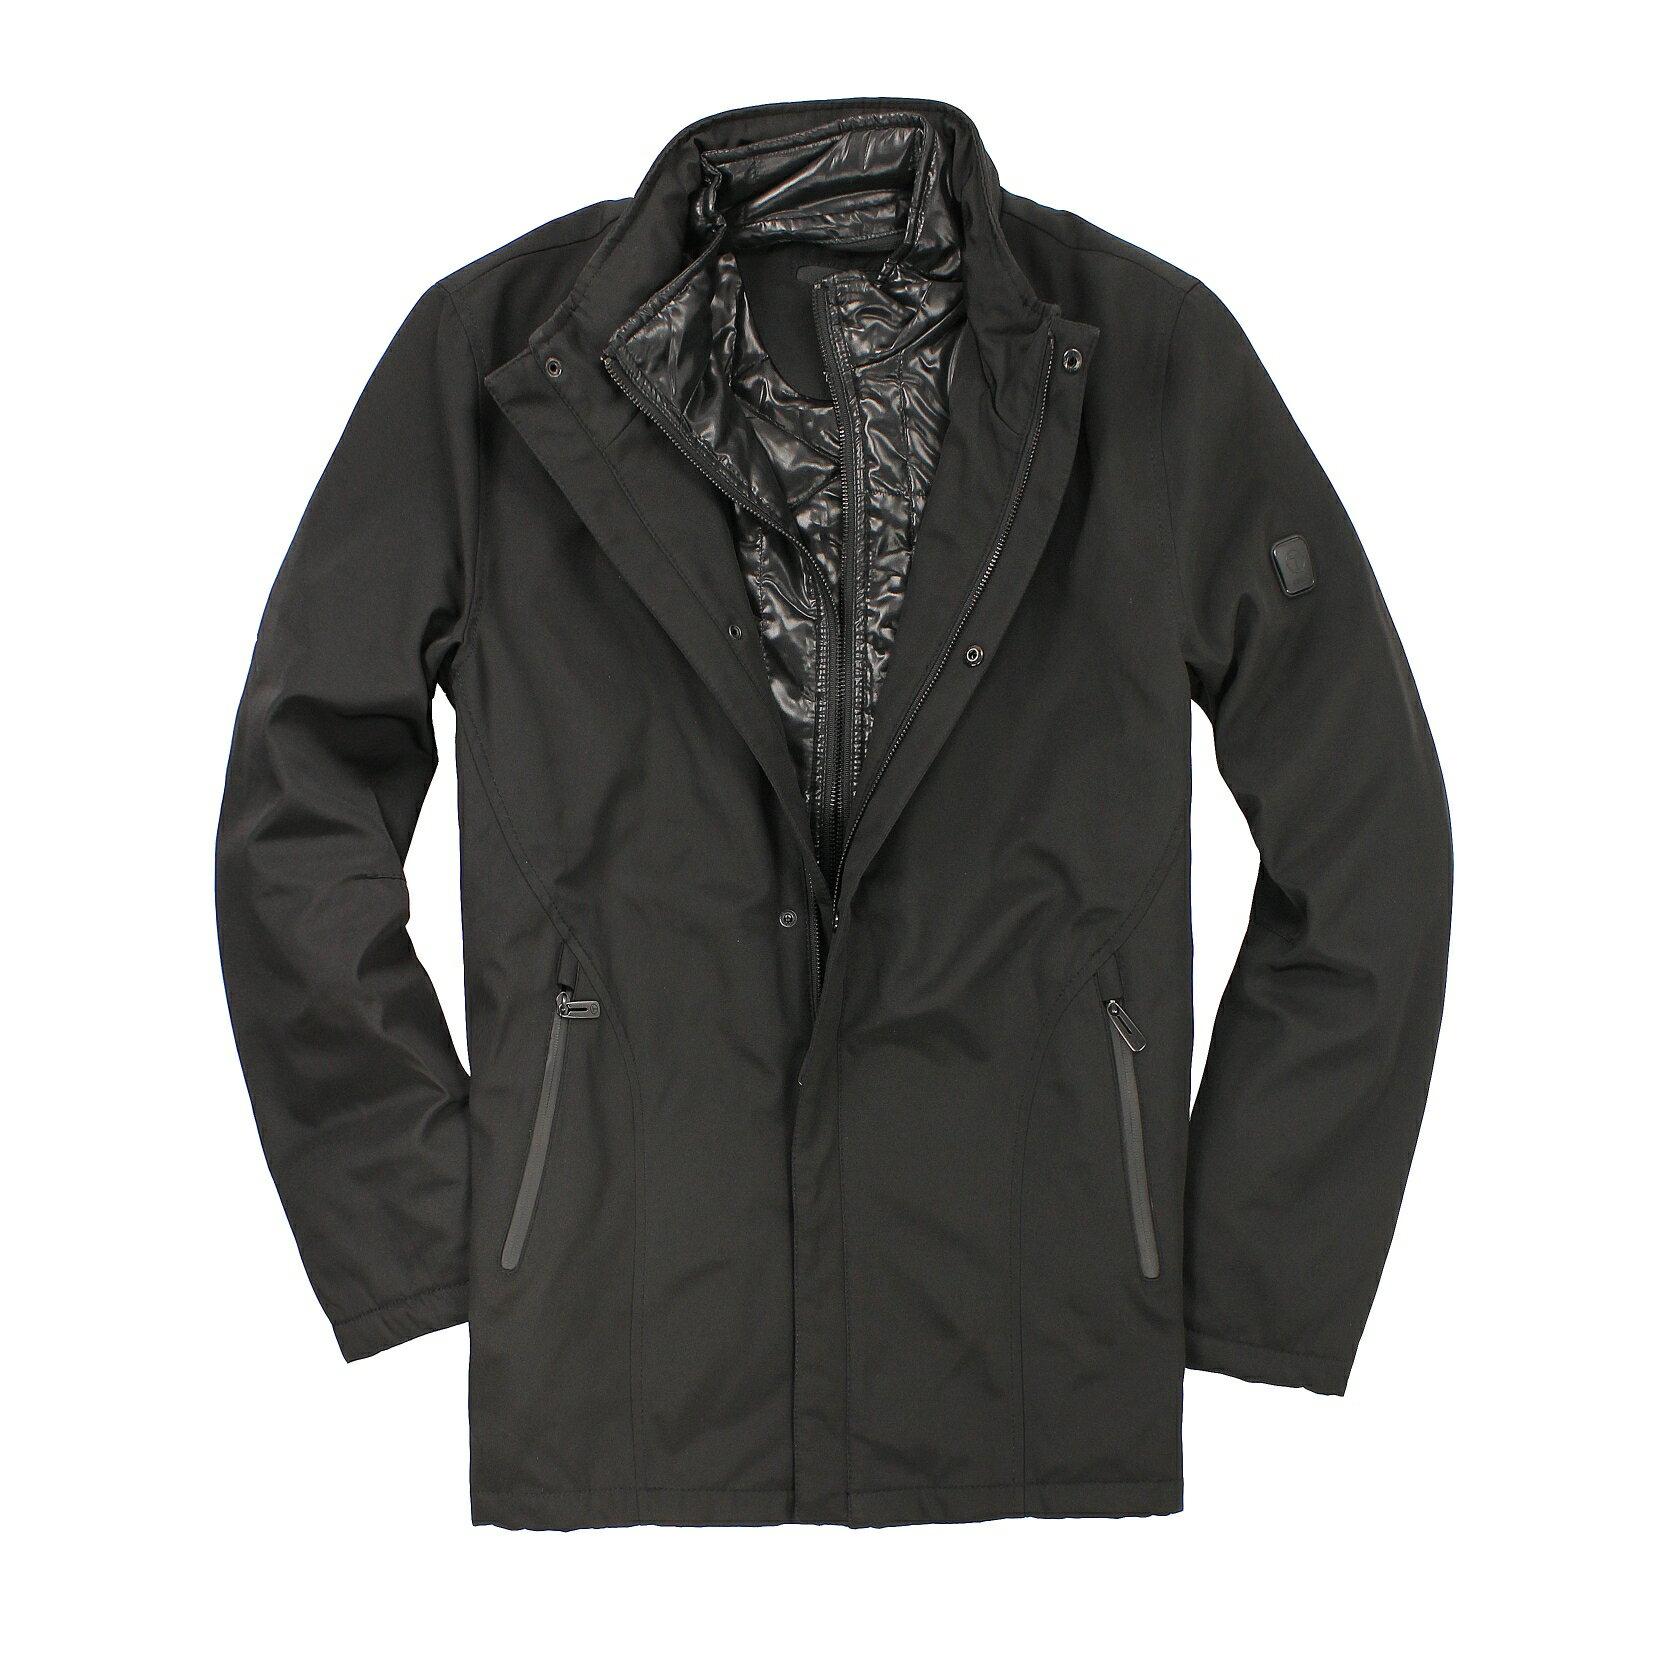 美國百分百【全新真品】TUMI 外套 連帽外套 夾克 黑 T-tech 防風 防水 透氣 保暖 鋪棉 男 M L C061